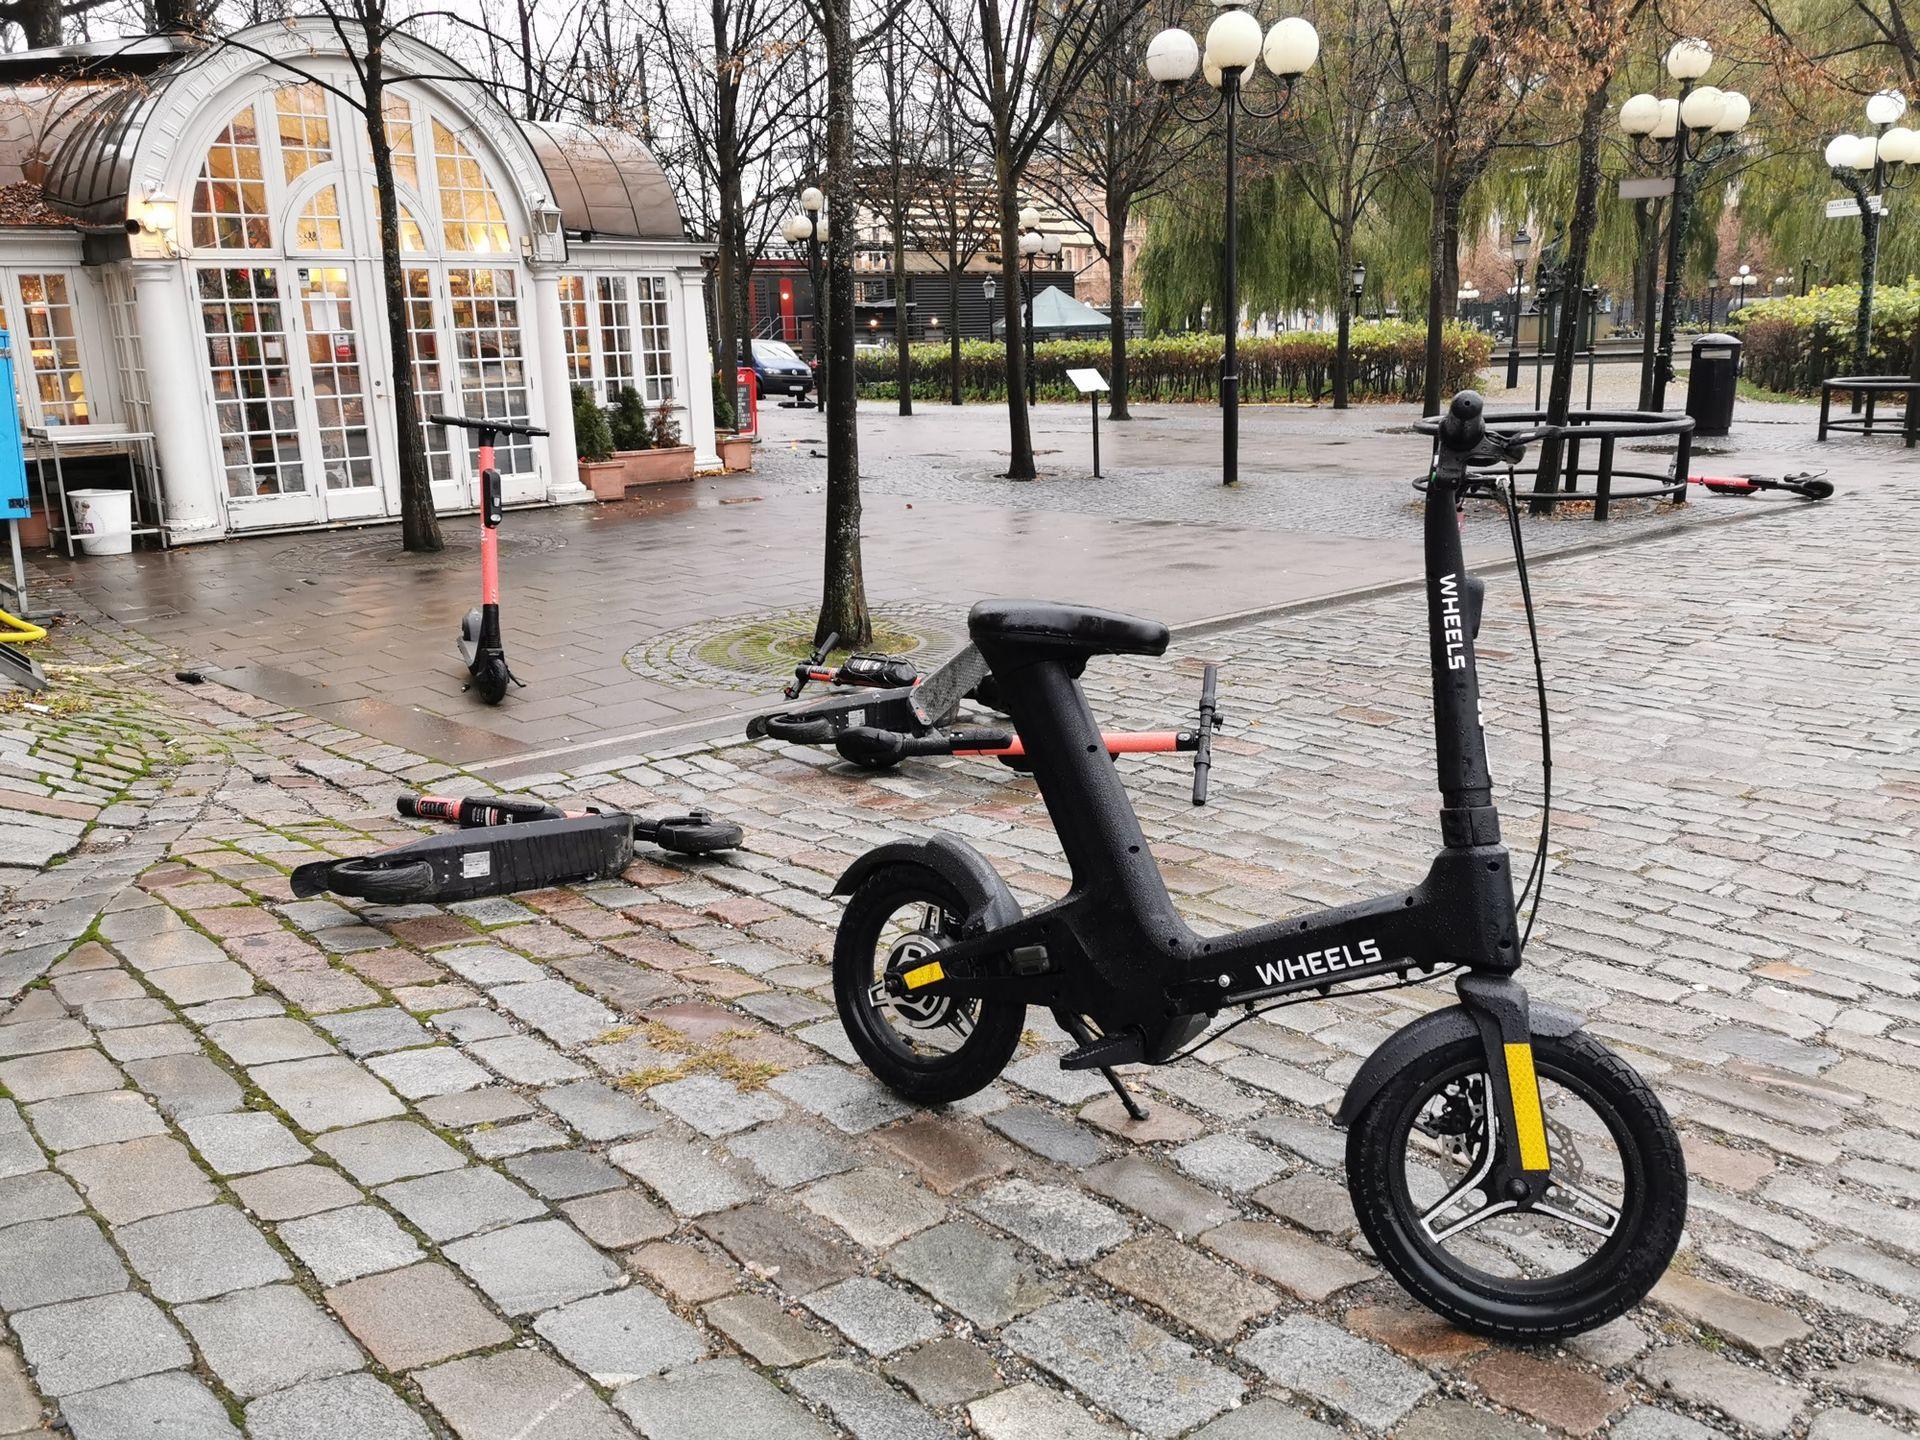 Idag lanseras cykeltjänsten Wheels i Stockholm